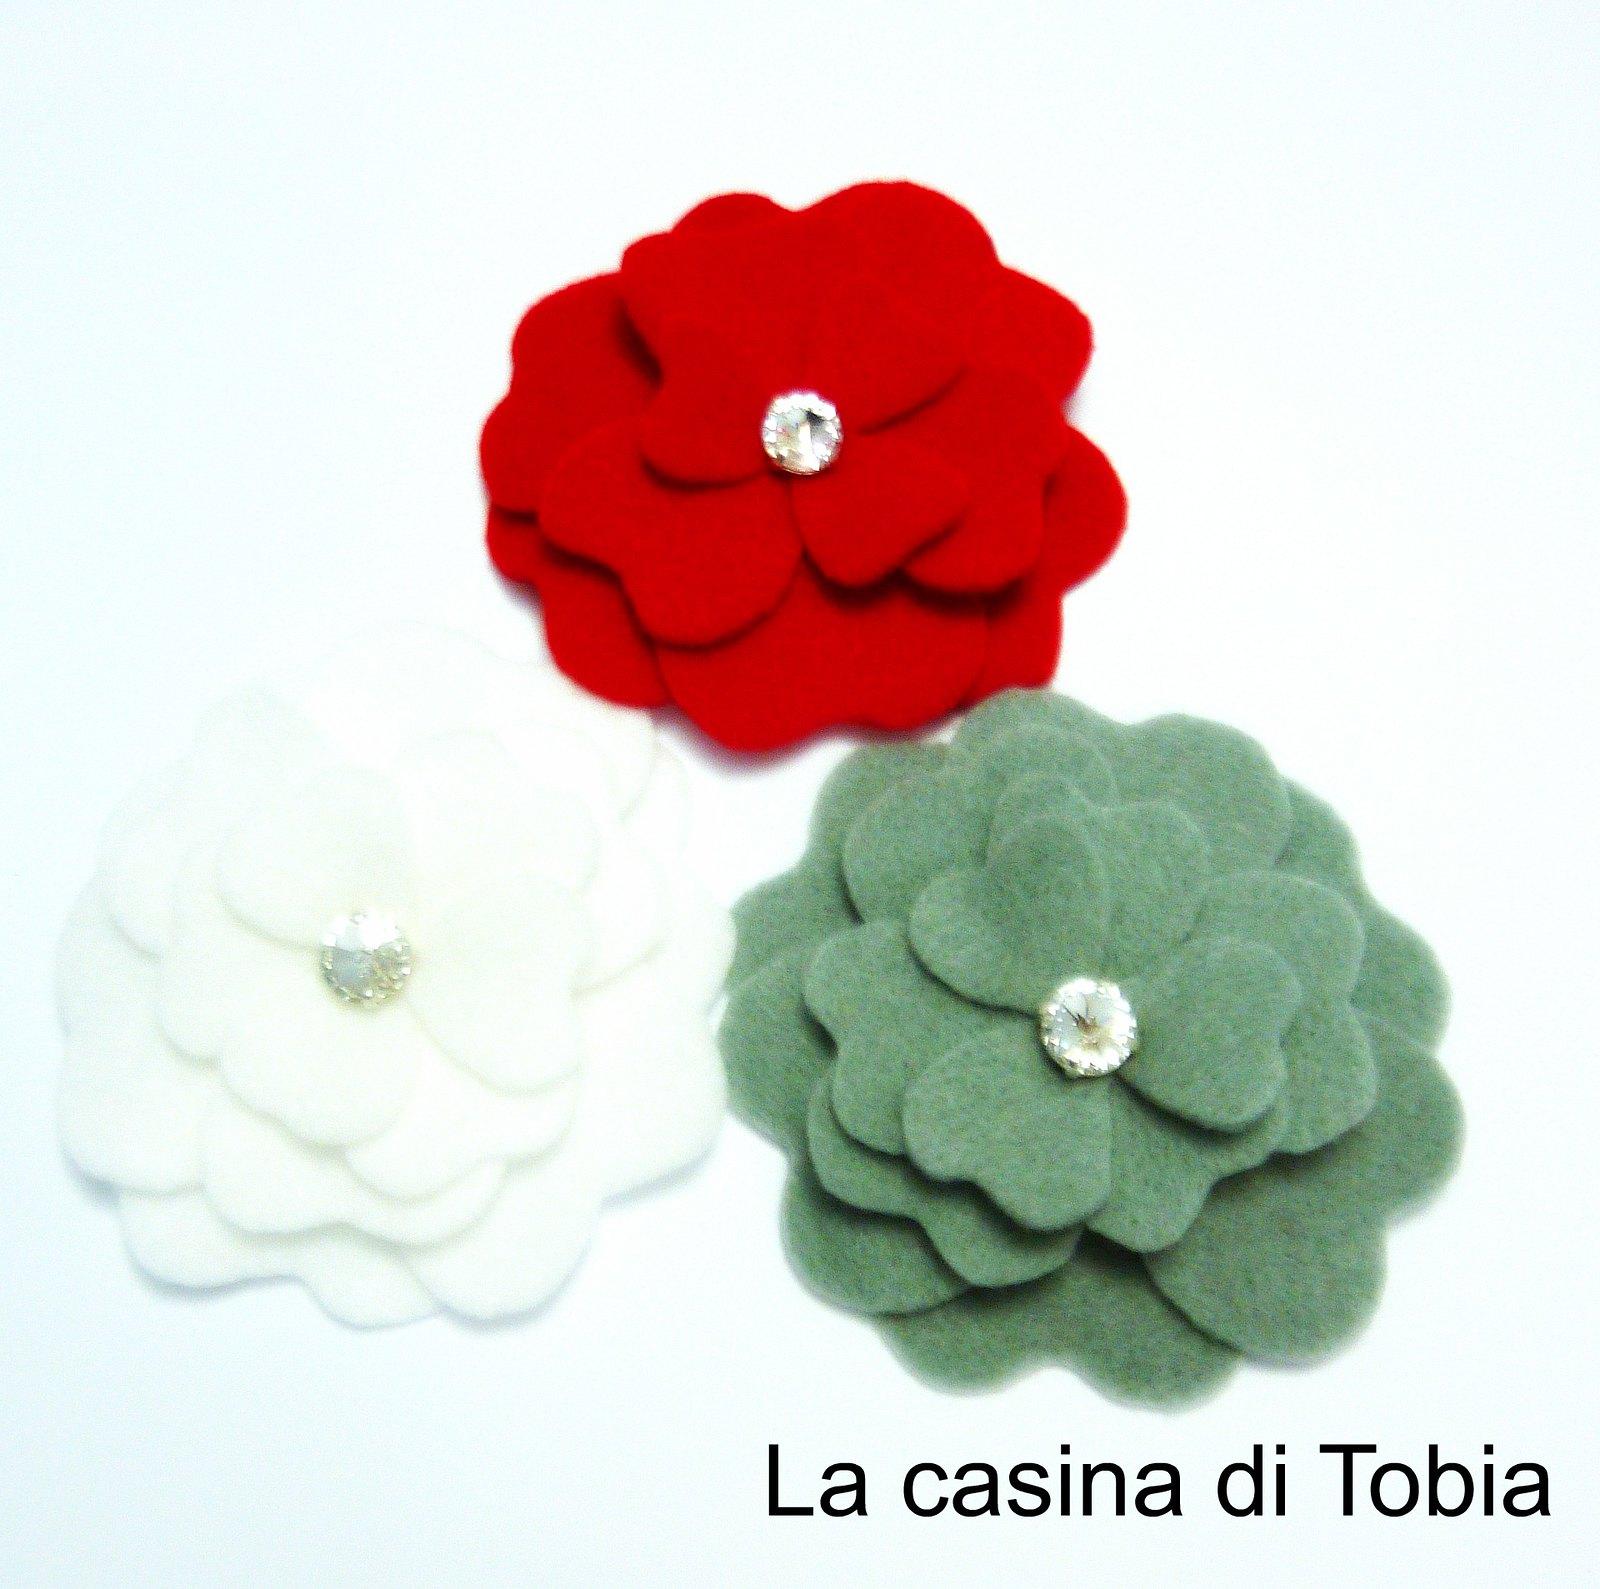 Spille feltro peonia handmade by La casina di Tobia